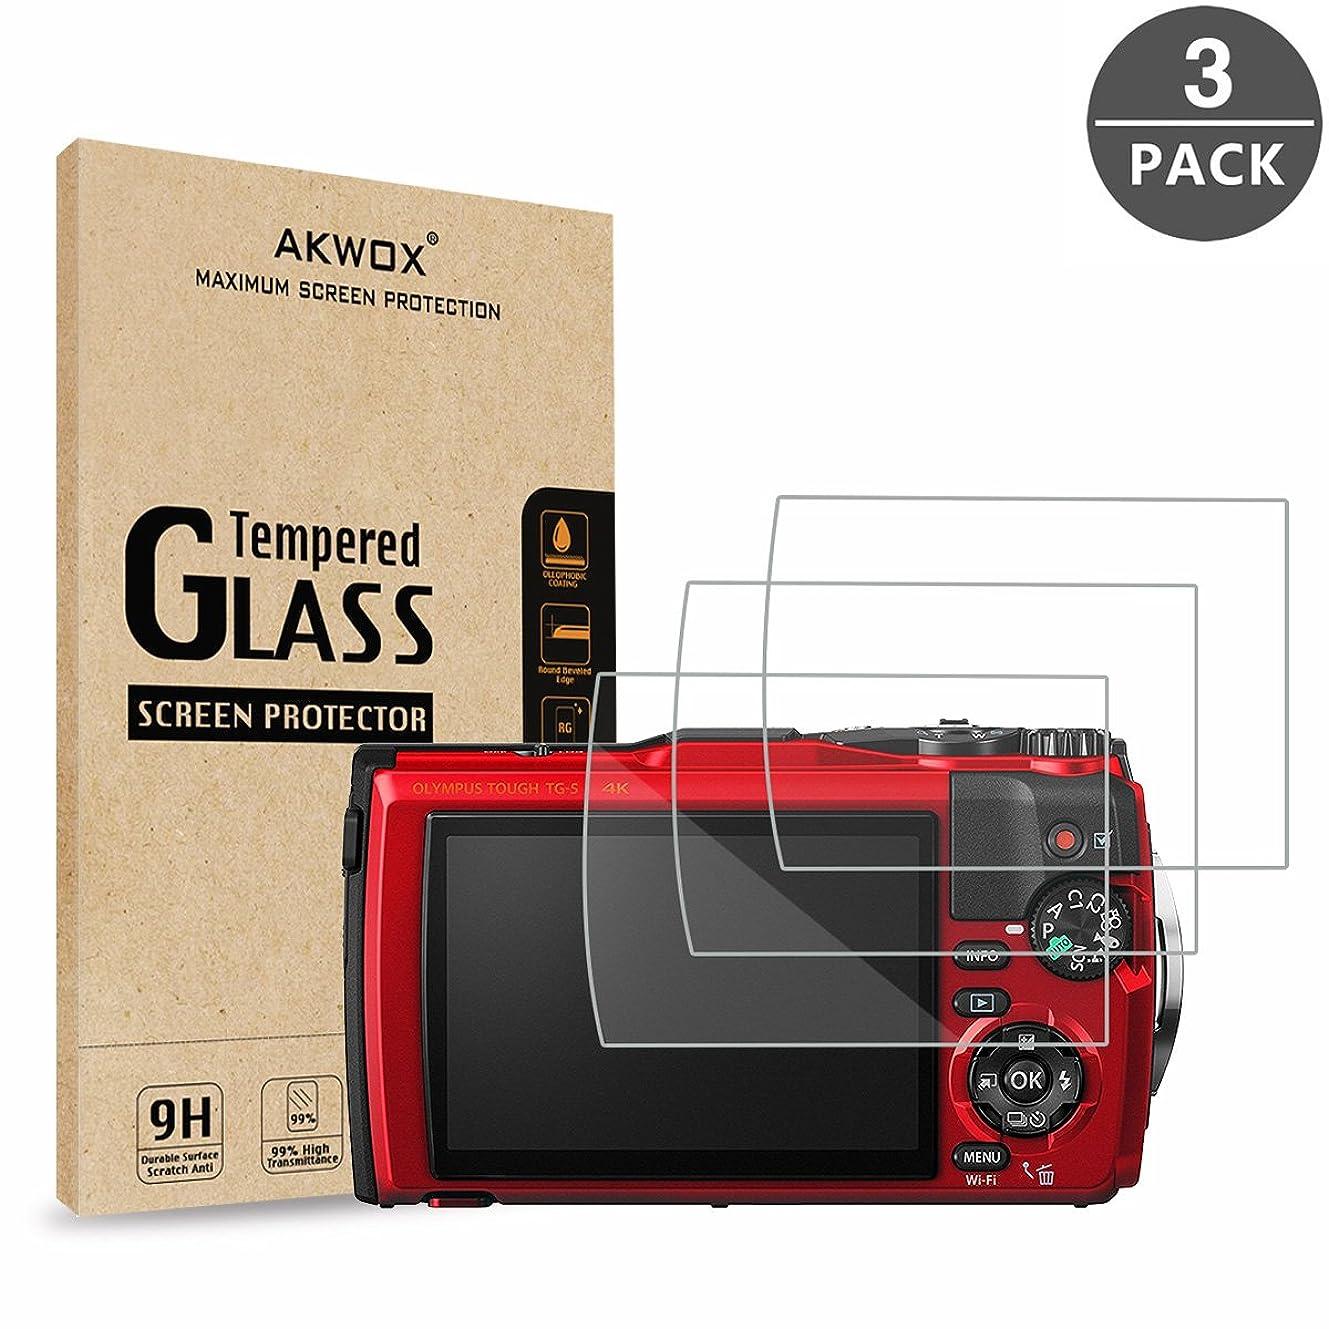 競合他社選手周囲鍔AKWOX (3 枚) オリンパス Olympus Tough TG-5 TG-4 TG-3ガラスフィルム, [ 耐衝撃] 9H硬度の液晶保護フィルム Olympus Tough TG-5 TG-4 TG-3強化ガラス